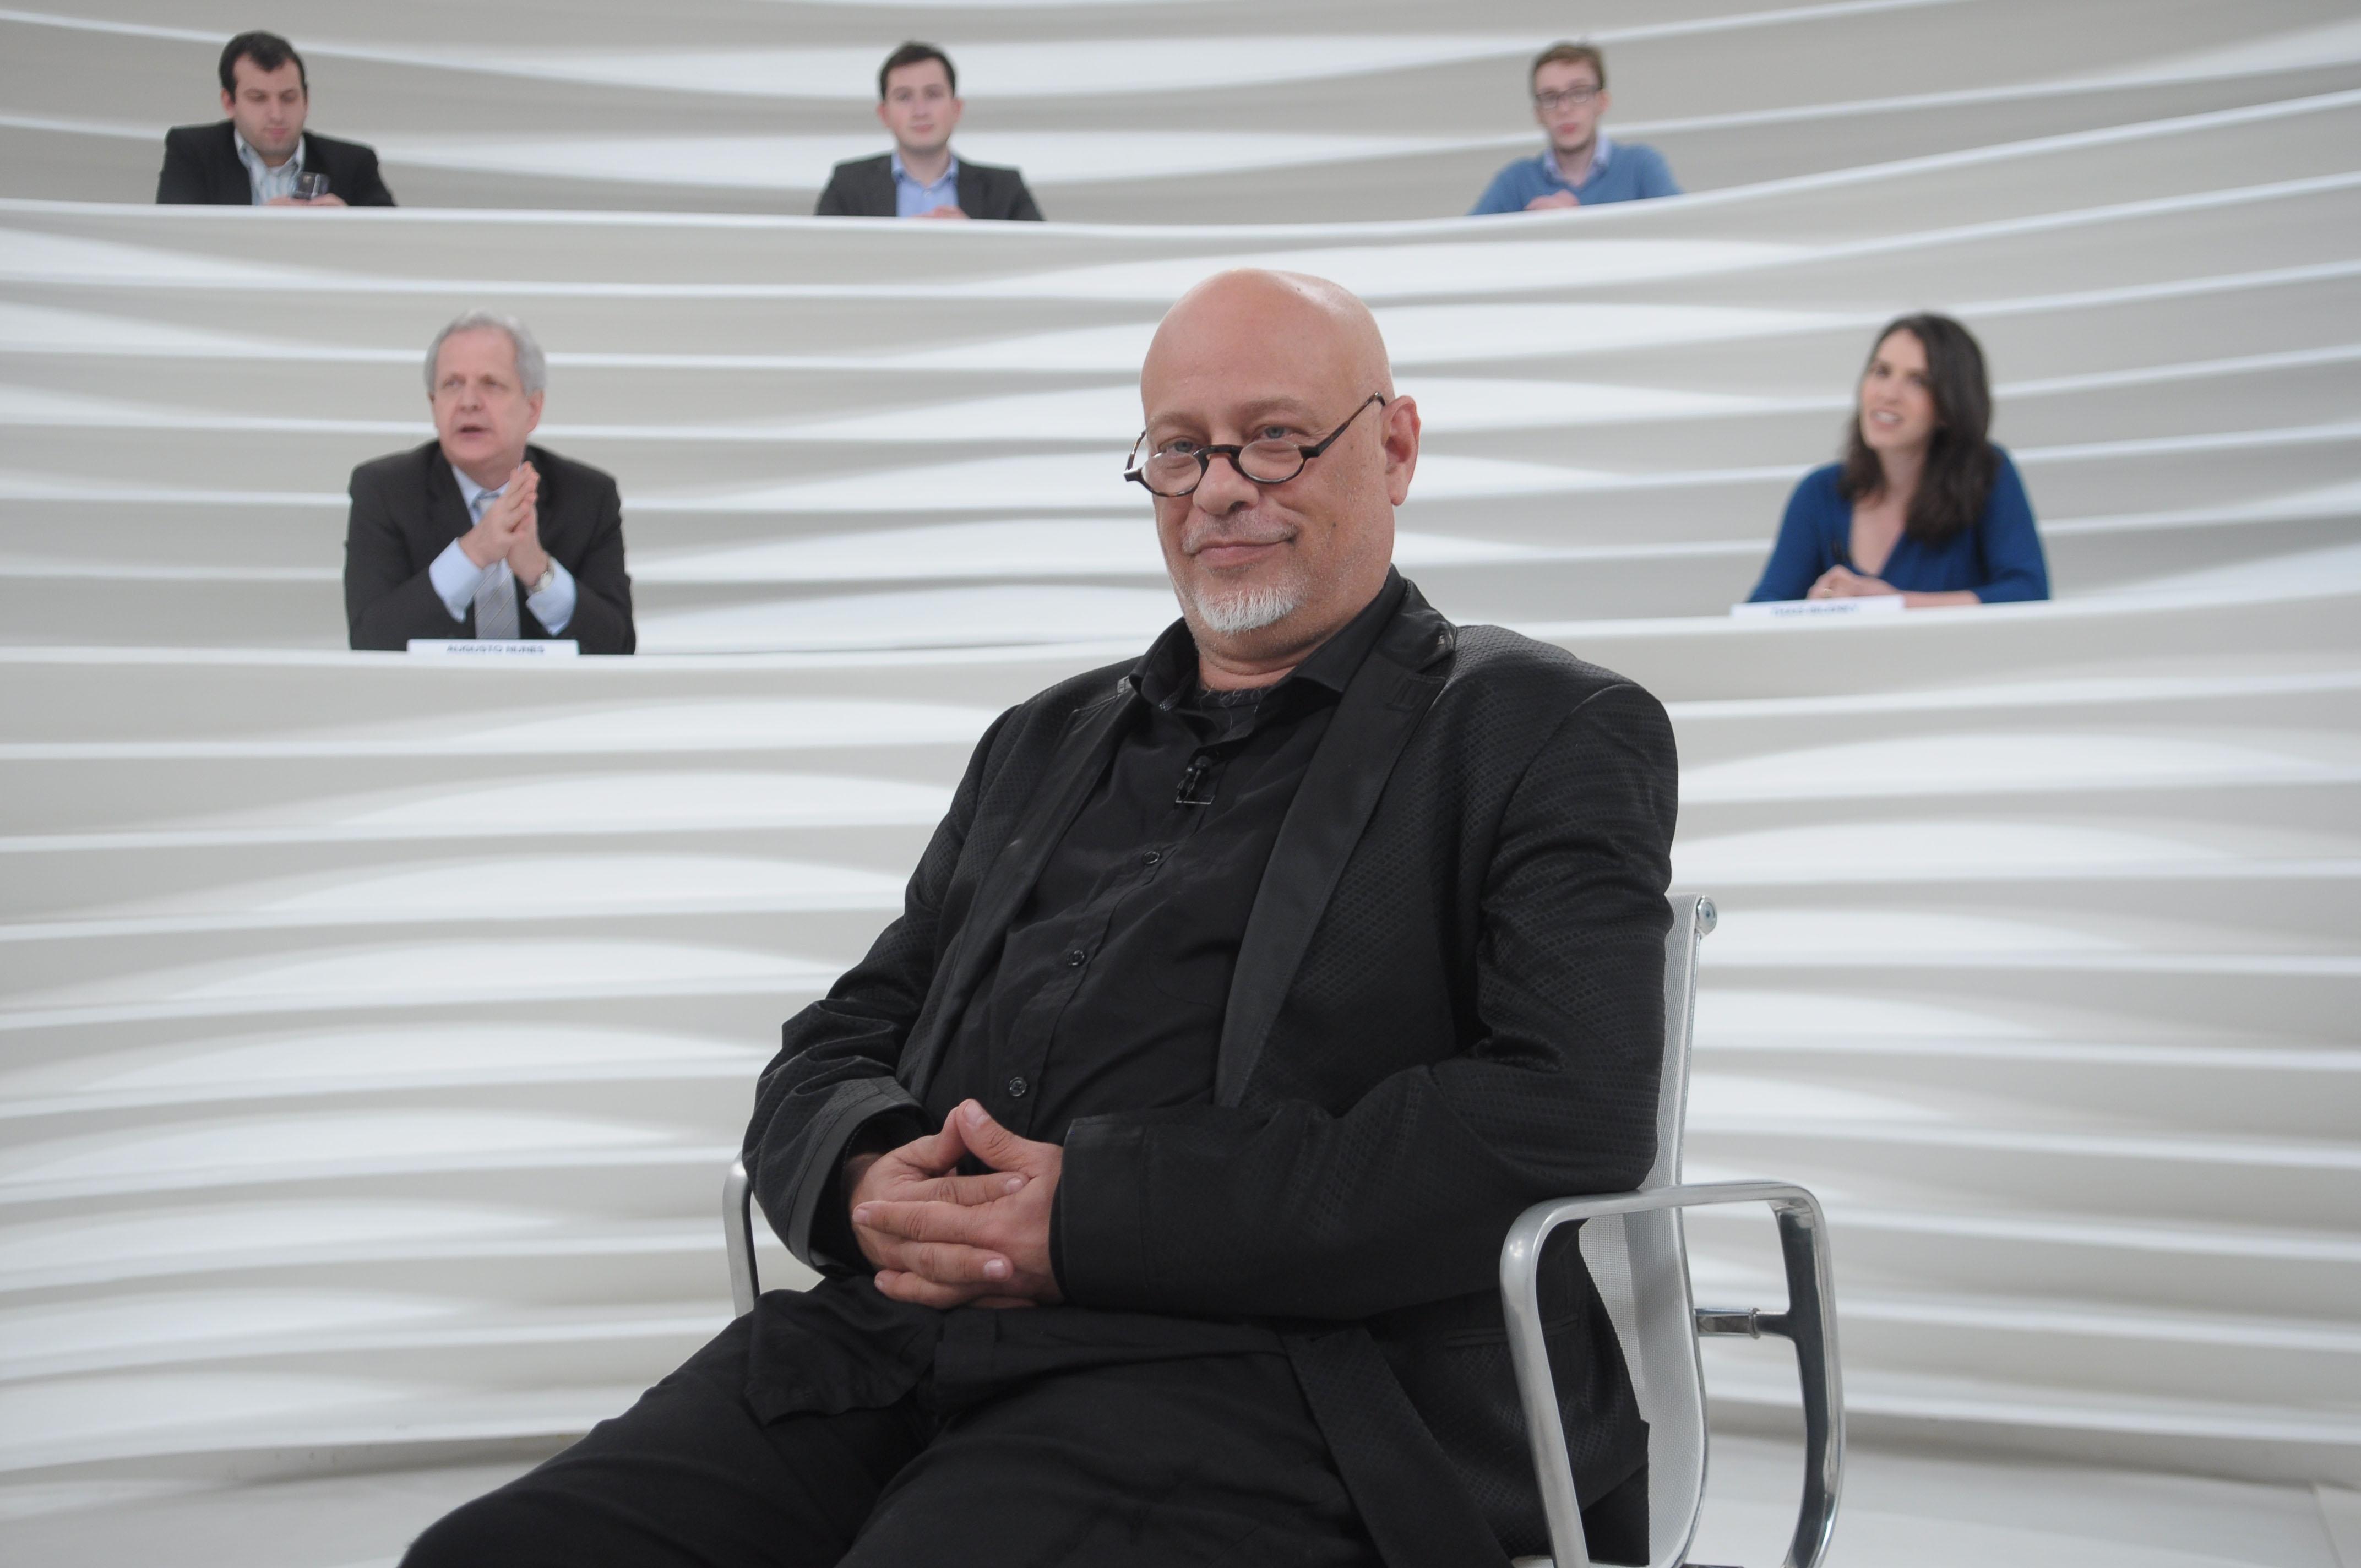 O filósofo e escritor fala sobre questões da atualidade, em programa inédito que vai ao ar na próxima segunda-feira, às 22h, na TV Cultura